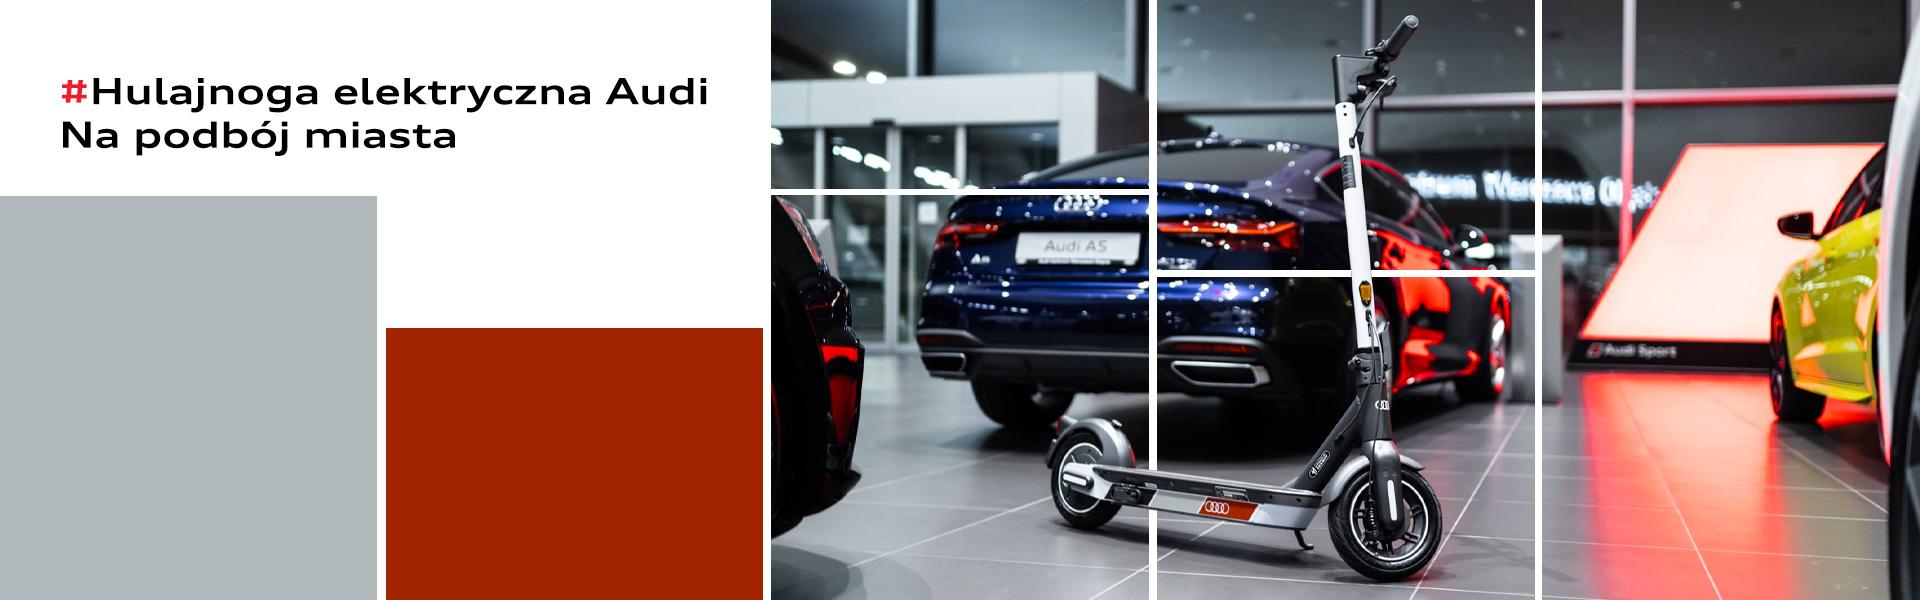 Hulajnoga elektryczna Audi